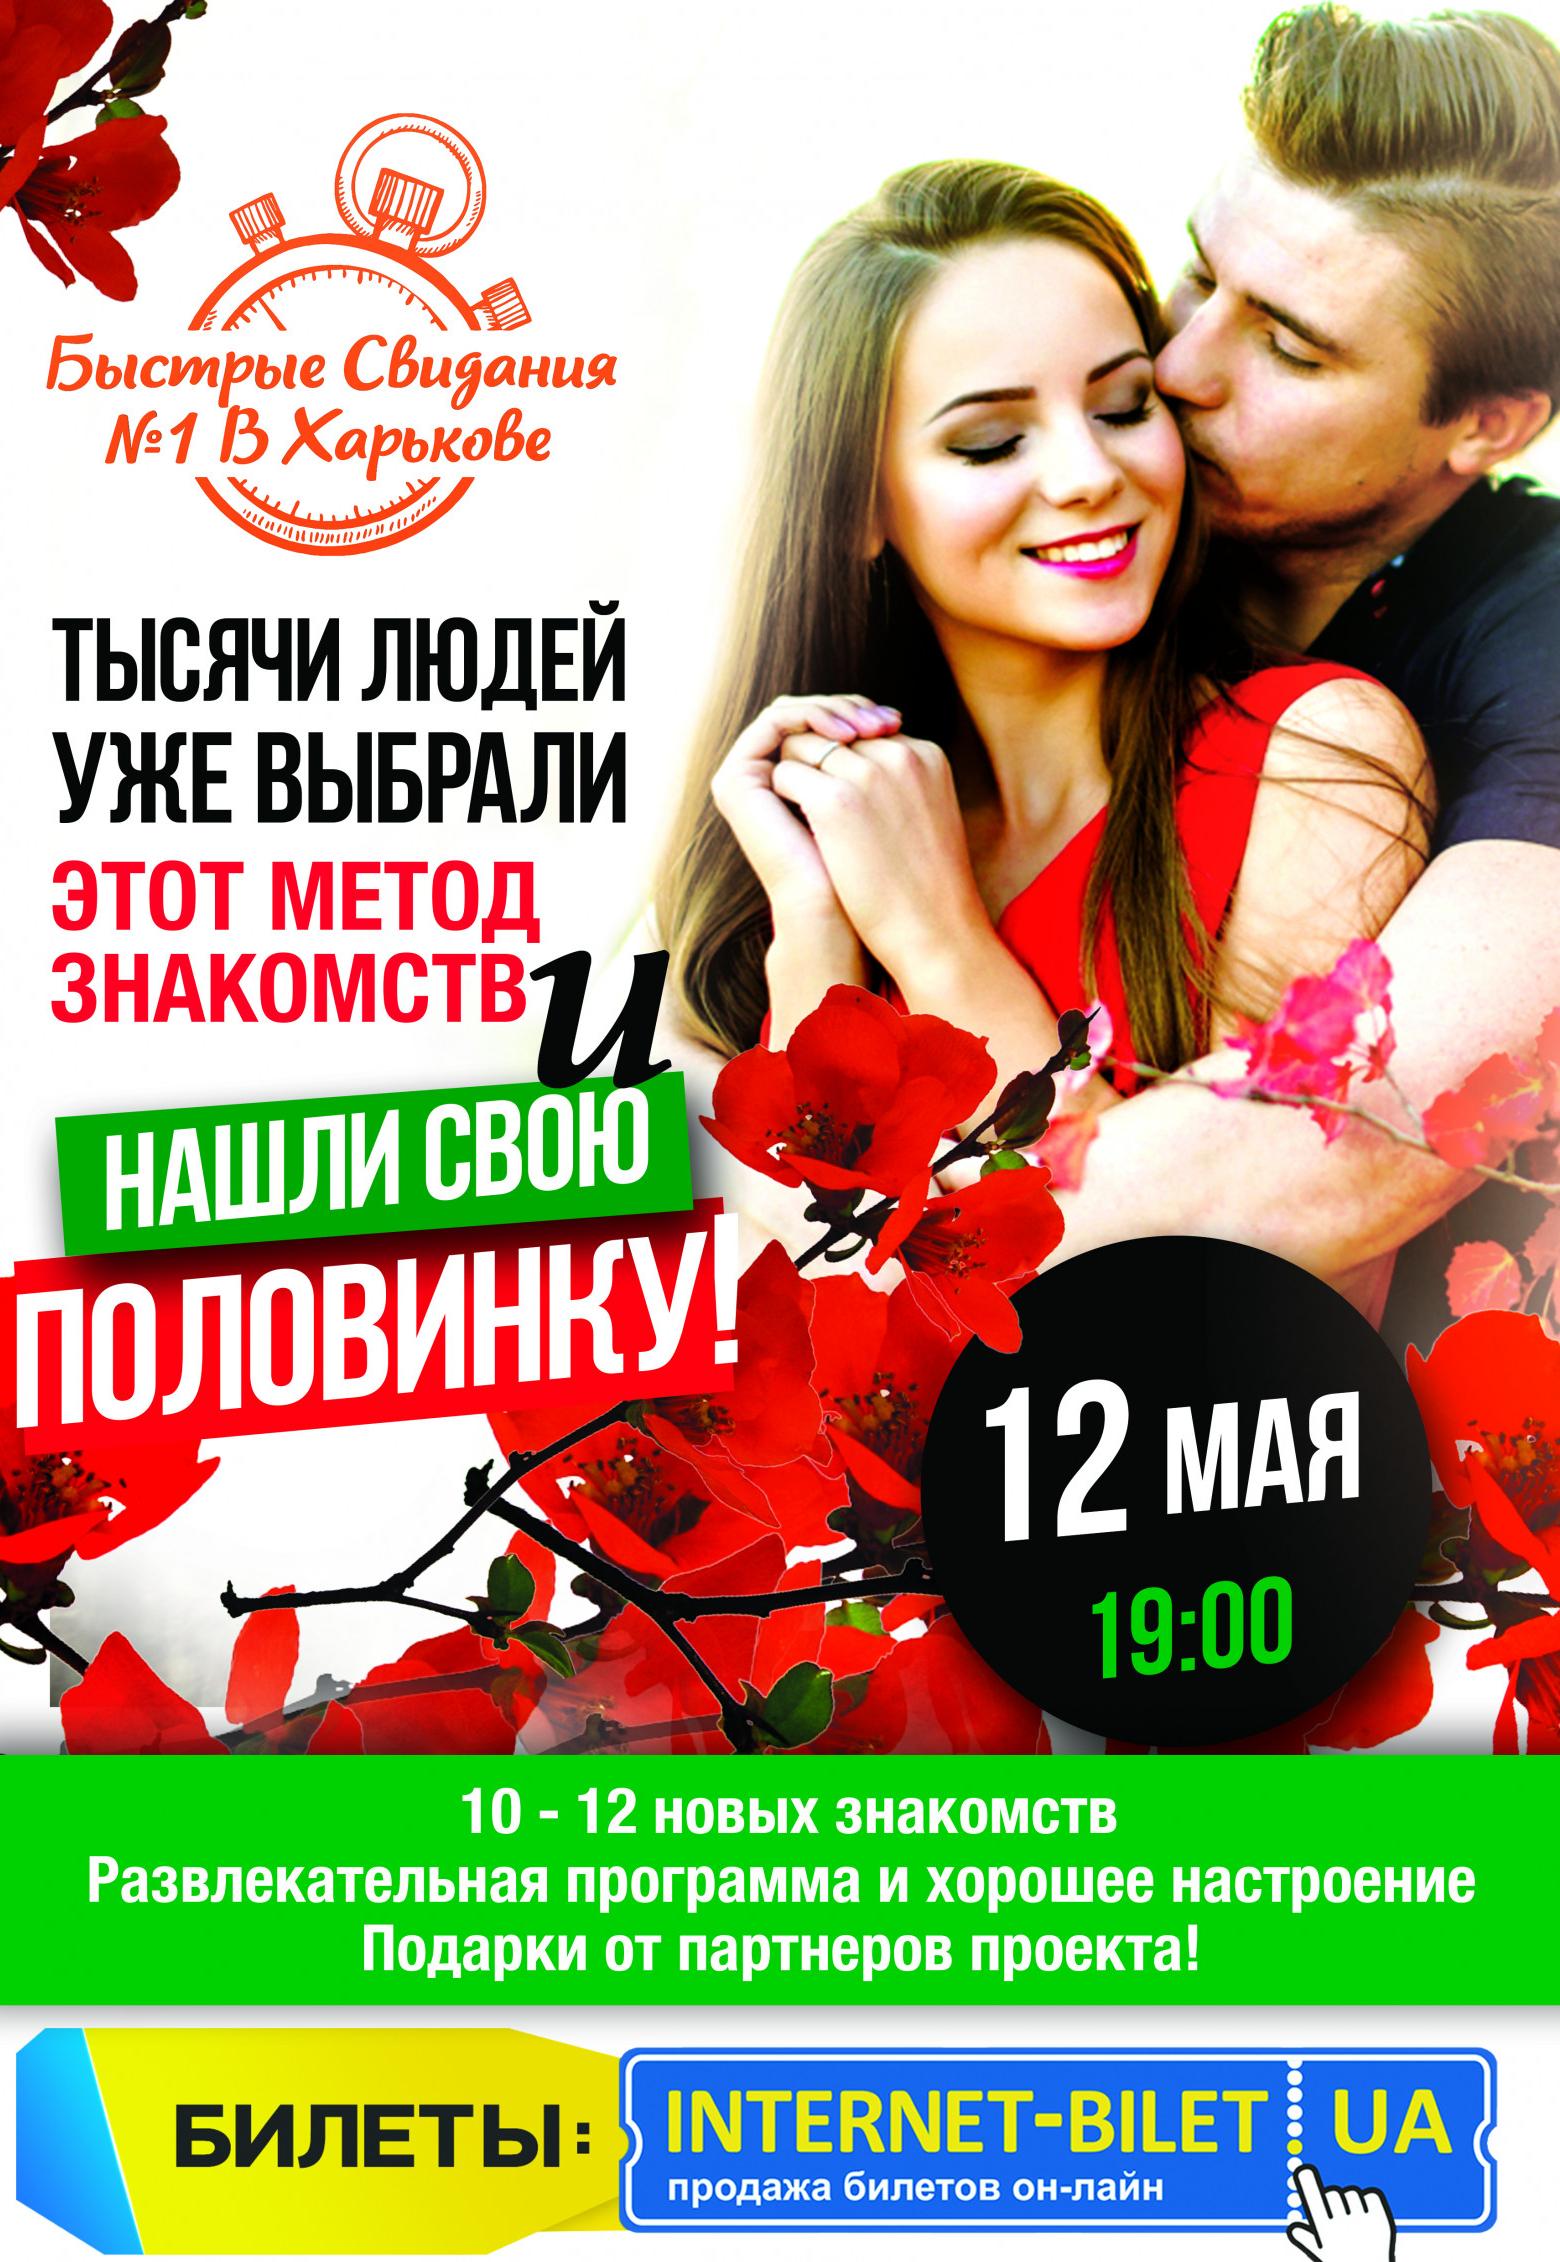 Интернет знакомств для 12 лет знакомства для секса в тольятти без регистрации с фото